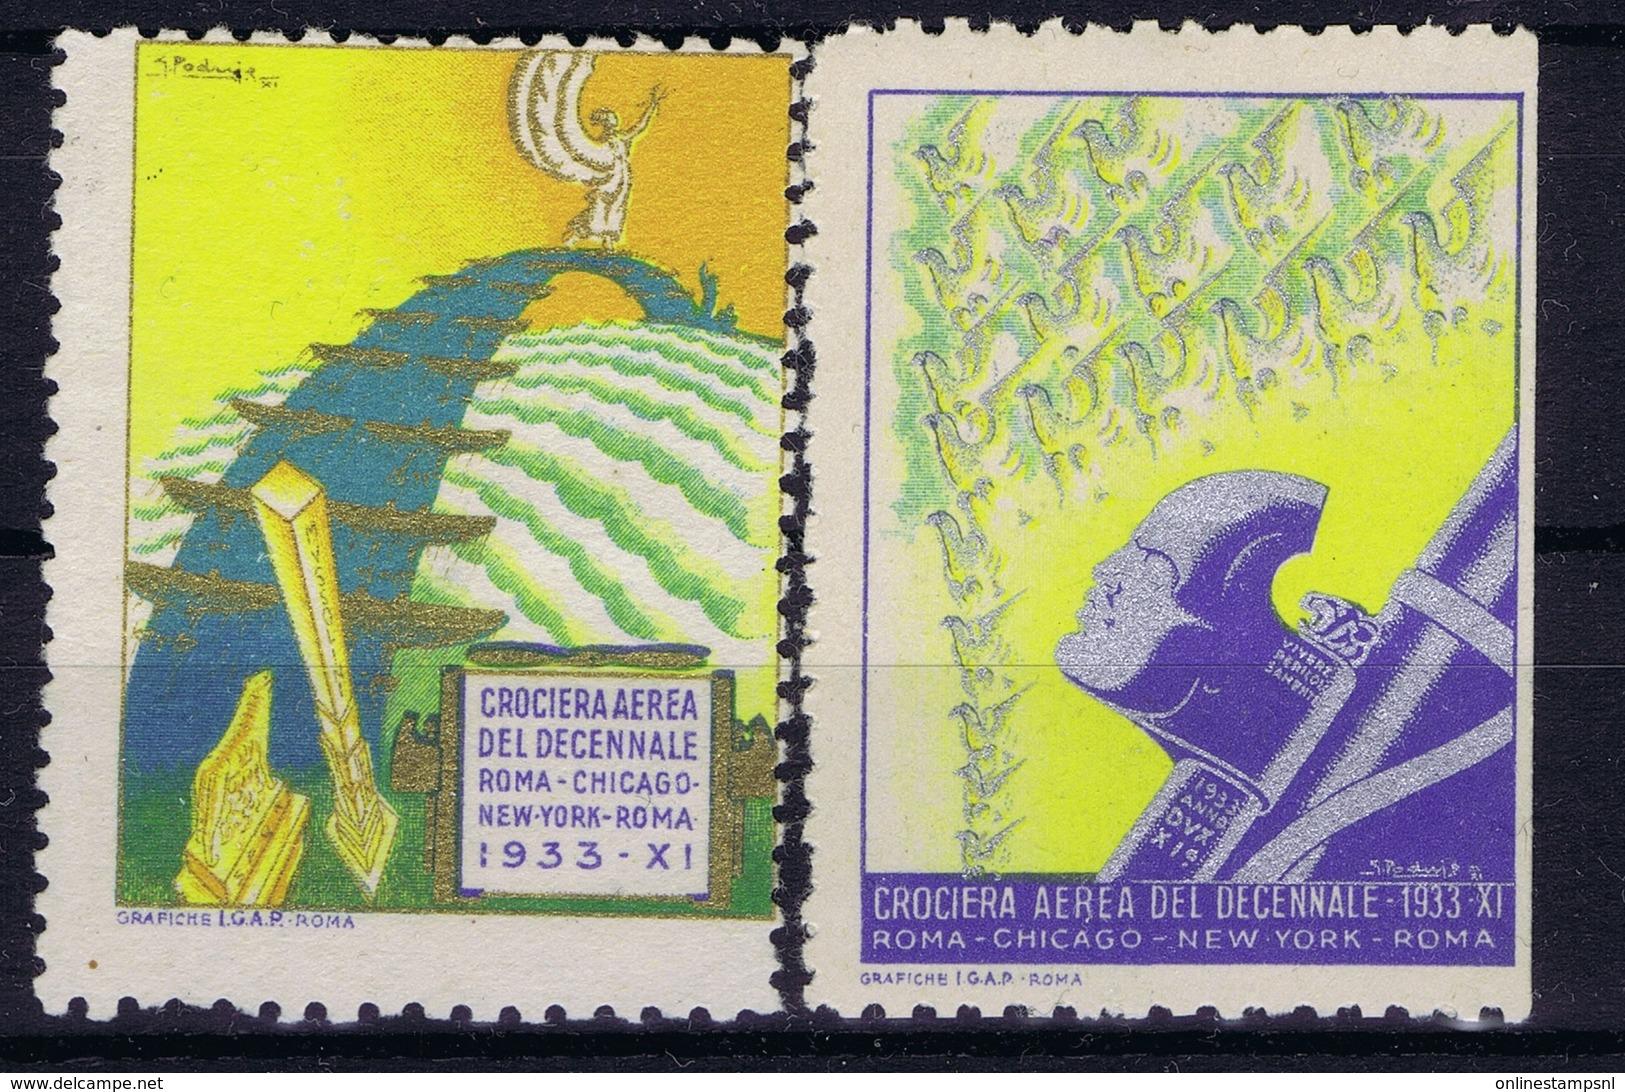 ITALY 1933  CEOCIERA AEREA TRANSATLANTIQUE ROMA CHICAGO  NEW YORK ROMA - 1900-44 Victor Emmanuel III